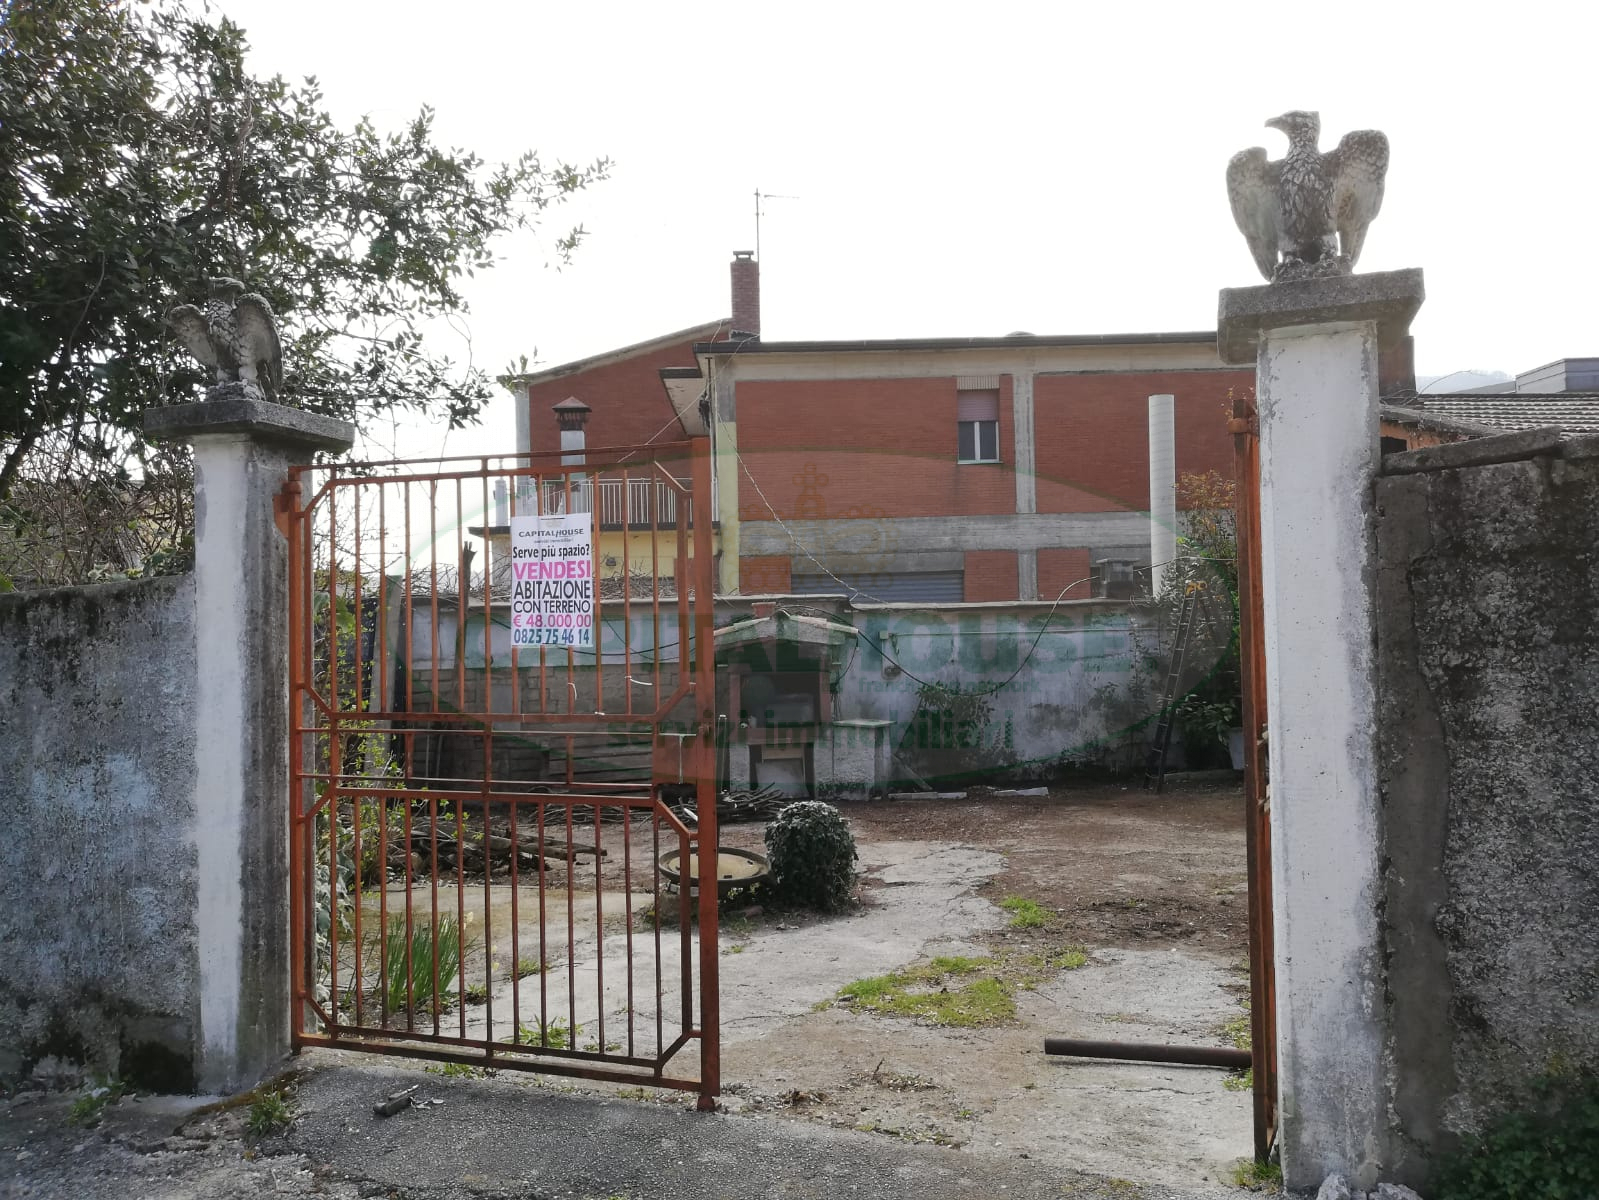 Soluzione Indipendente in vendita a Monteforte Irpino, 1 locali, zona Zona: Alvanella, prezzo € 40.000   CambioCasa.it